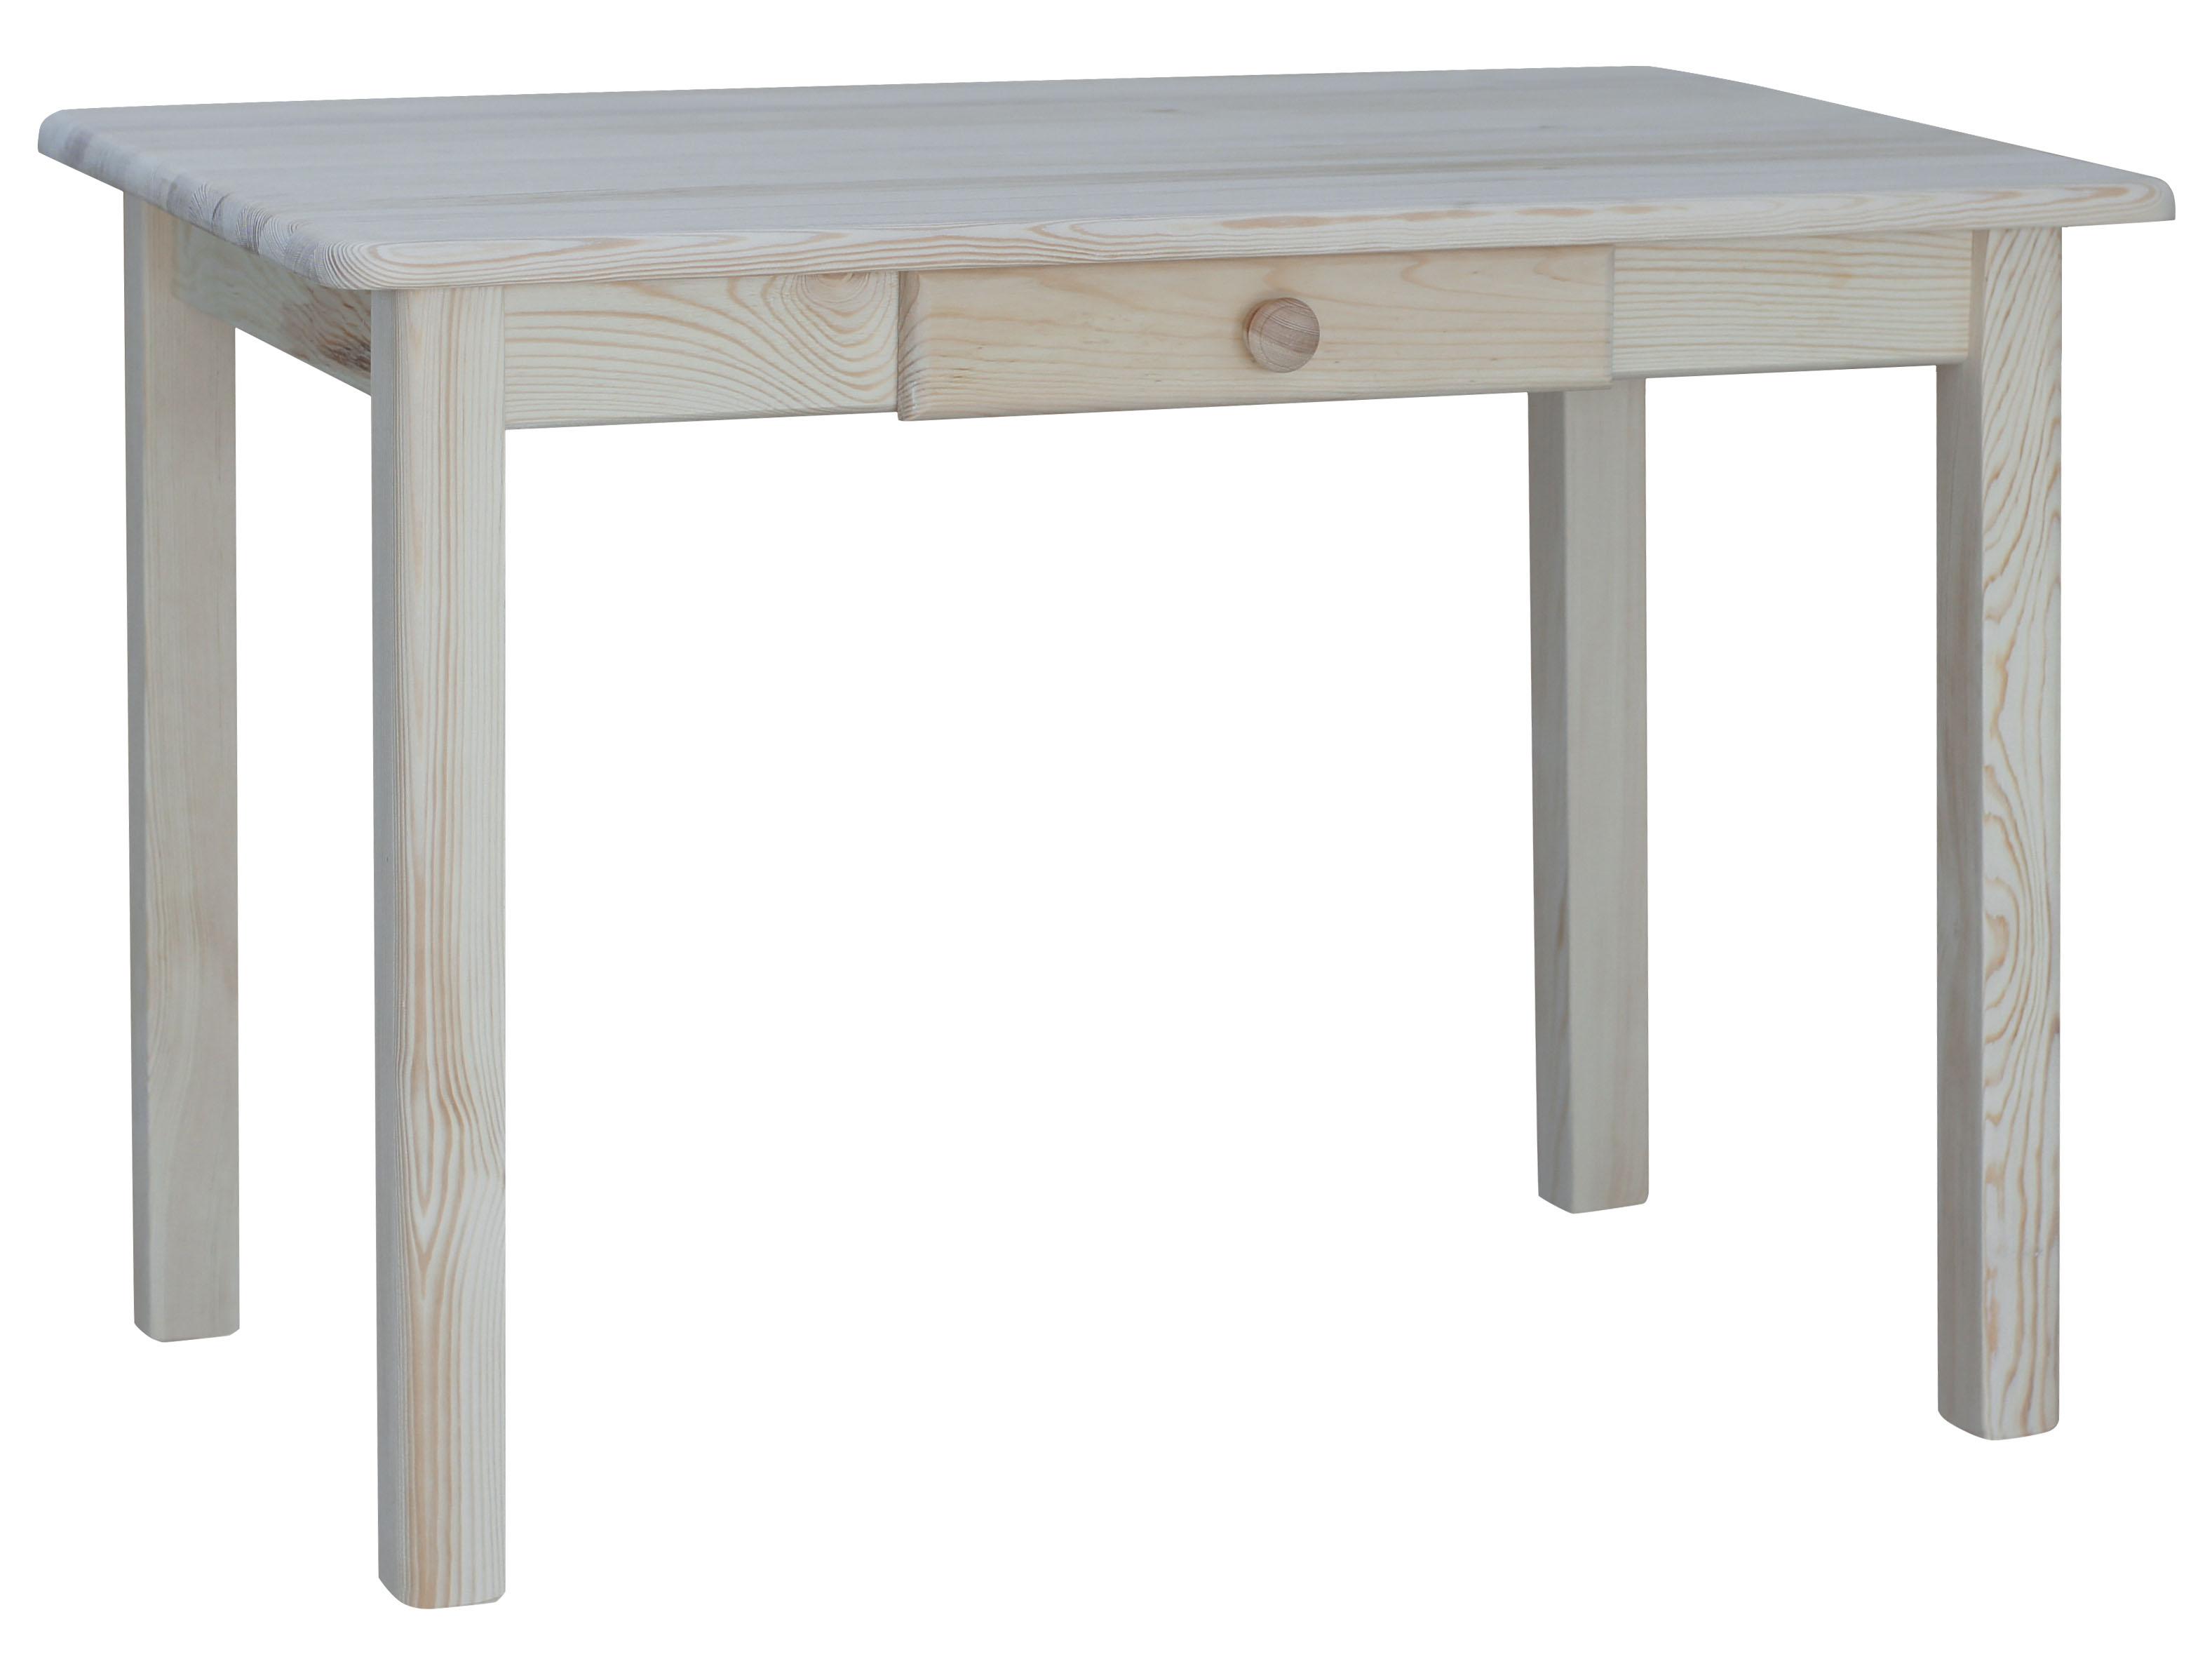 Esstisch mit Schublade Küchentisch Speisetisch Tisch Kiefer massiv ...